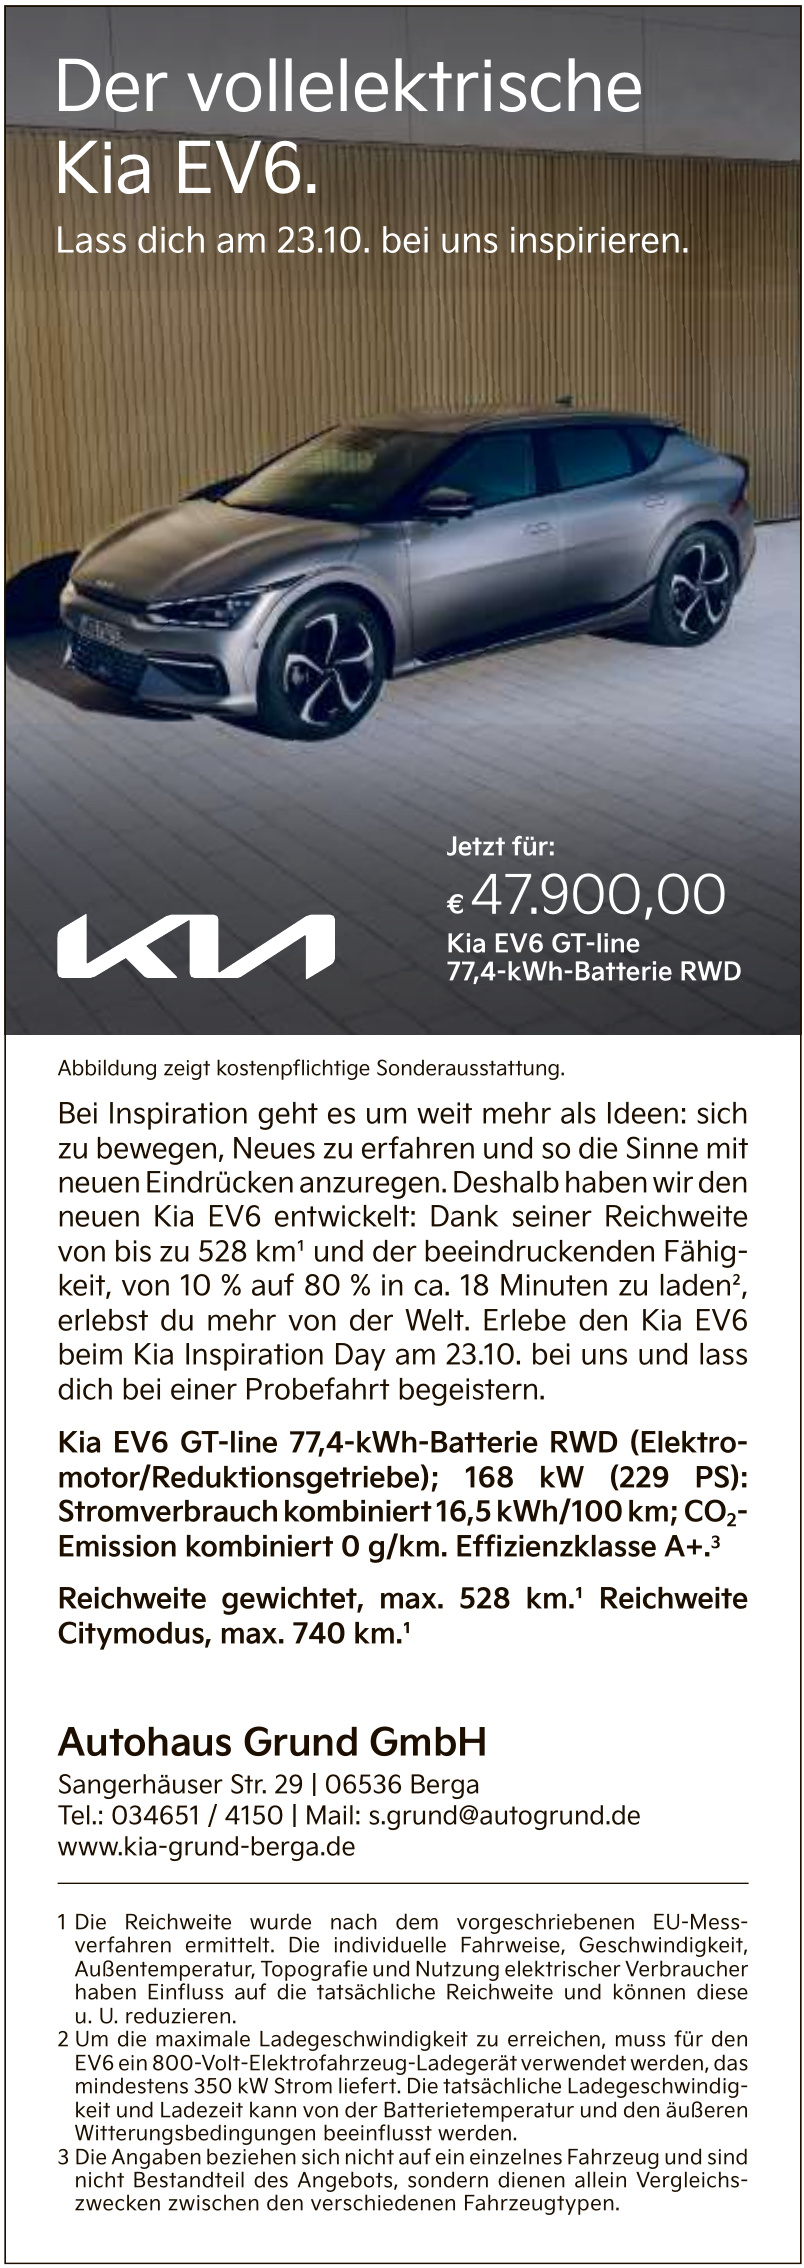 Autohaus Grund GmbH